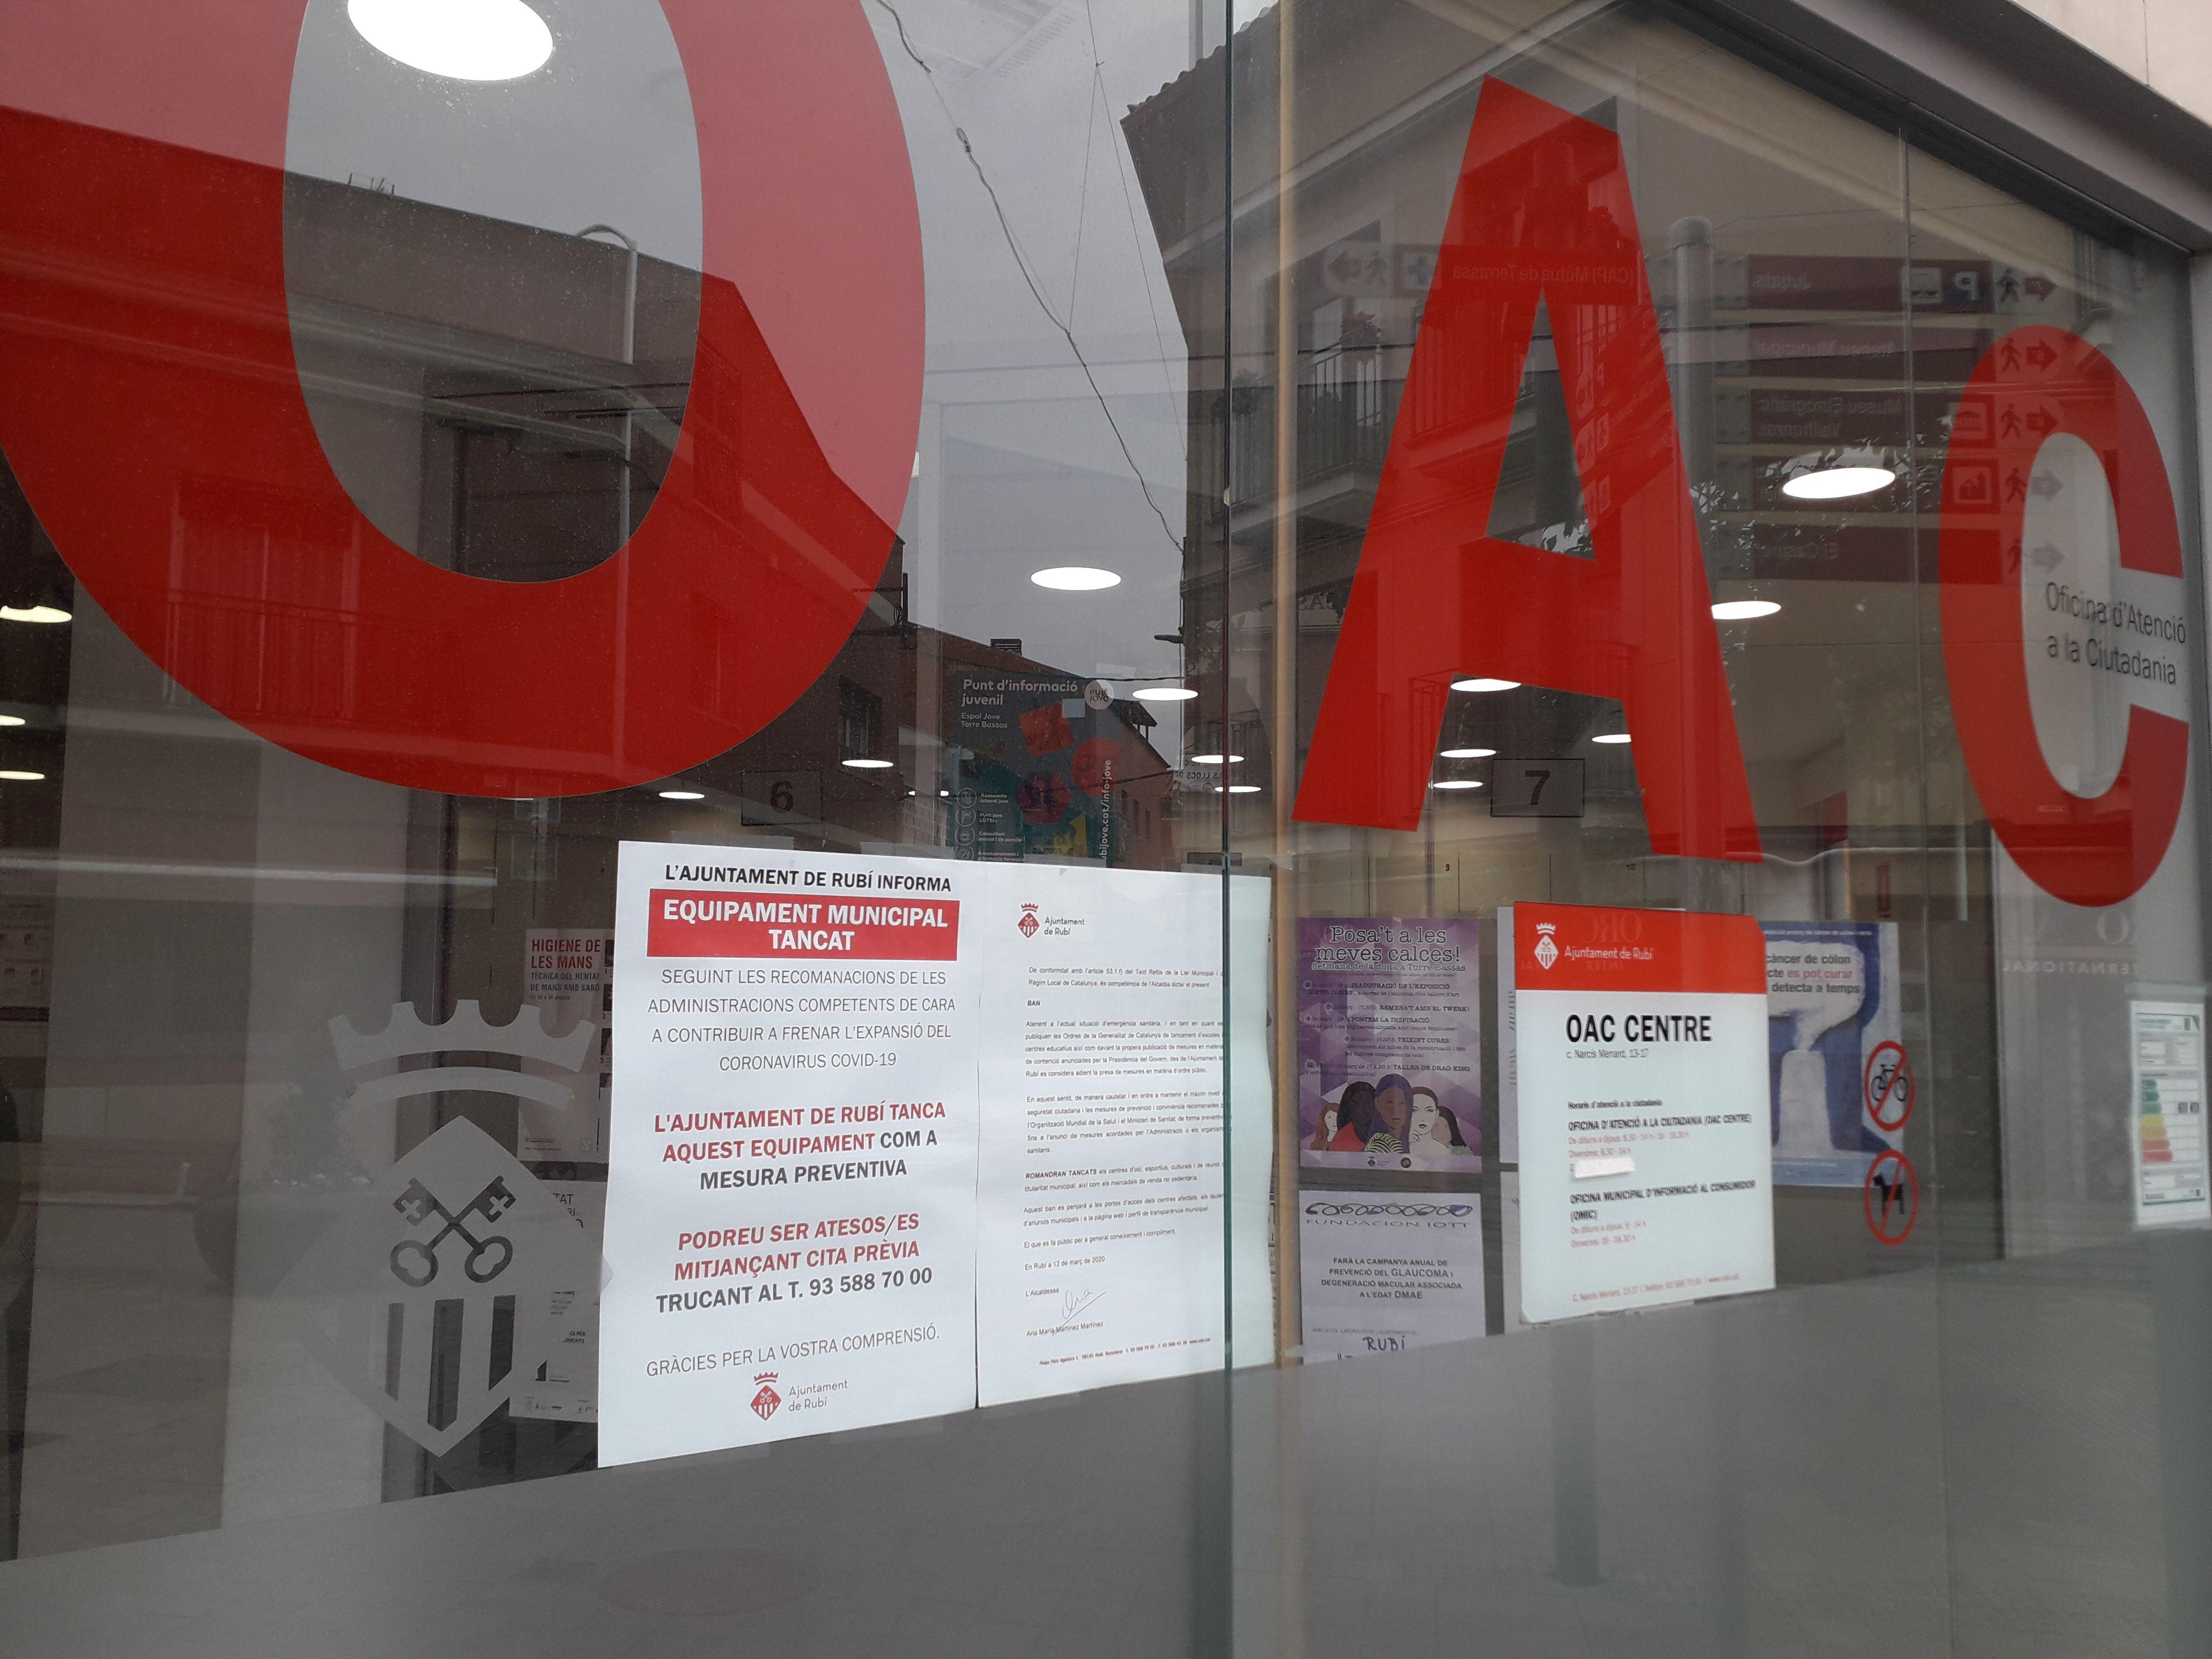 L'Oficina d'Atenció a la Ciutadania (OAC) del centre. FOTO: Redacció